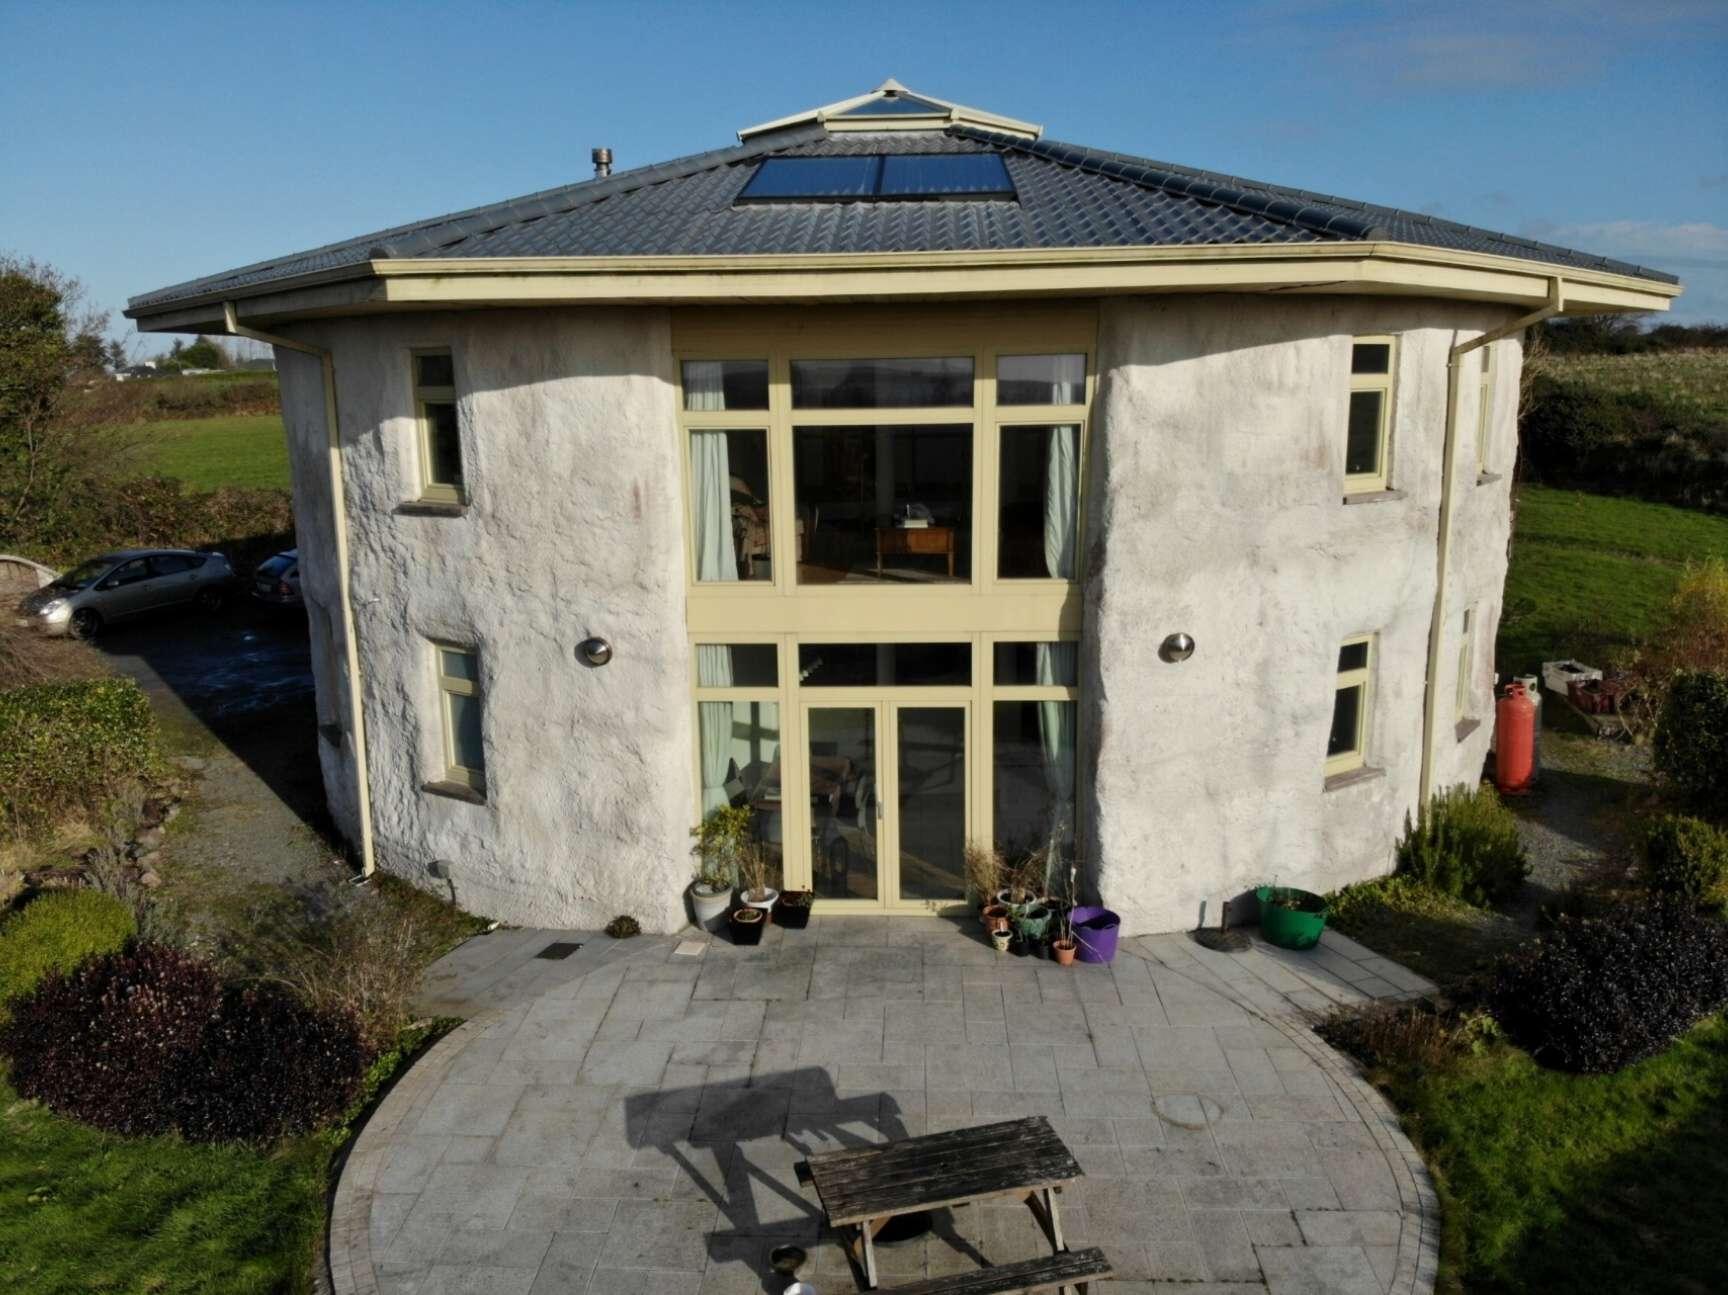 Strawbale House Wexford